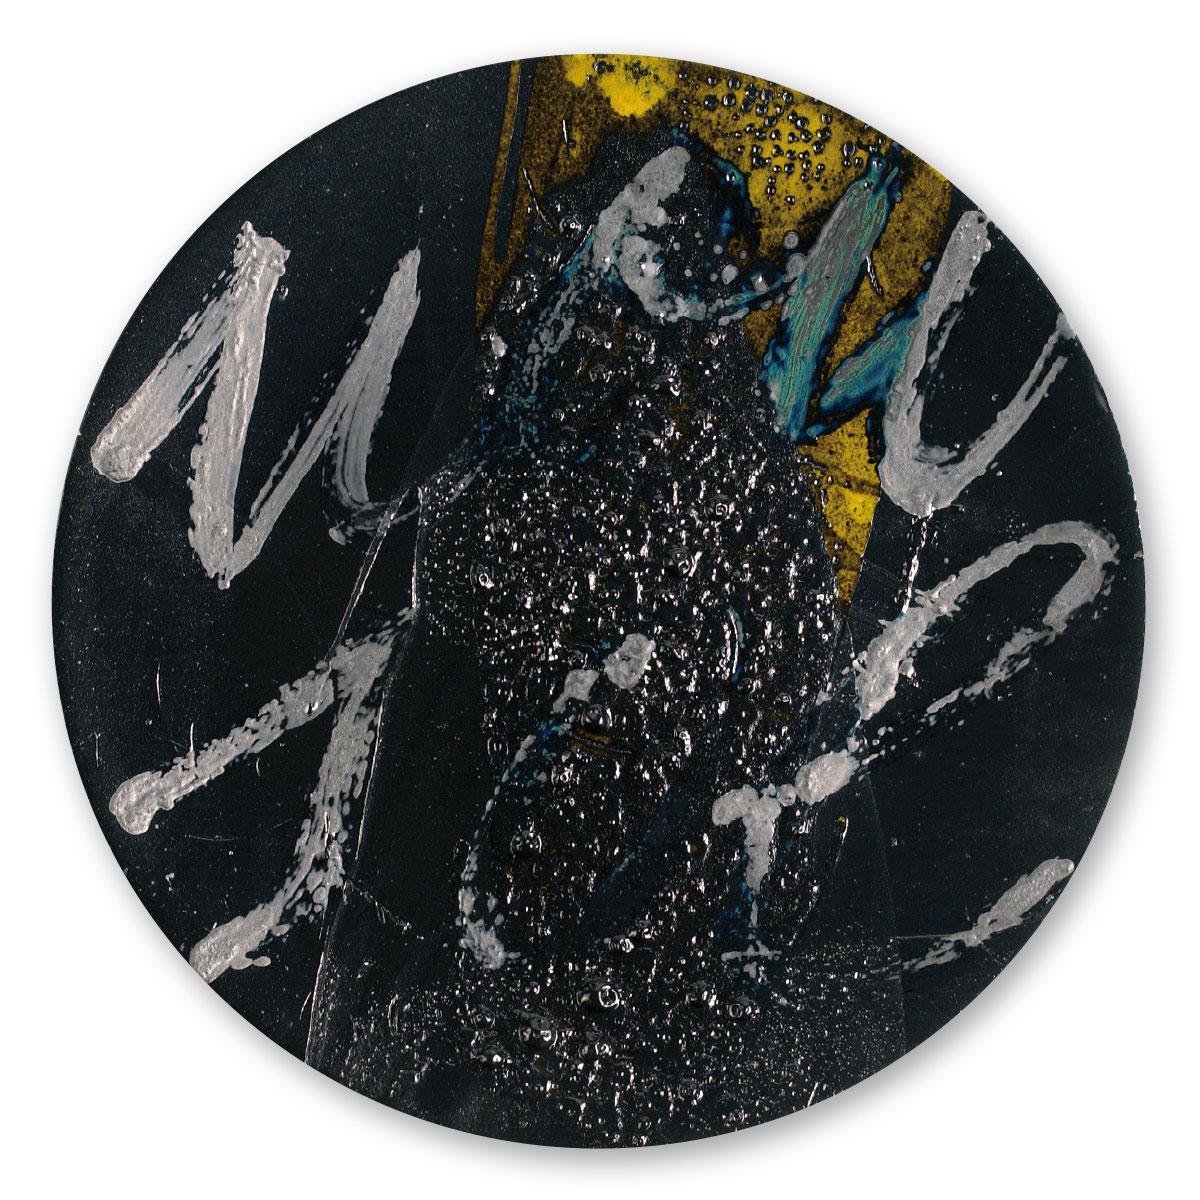 L'opera dell'artista Silvio Monti acquisita dal Museo a cielo aperto di Denice, dedicato alla ceramica contemporanea